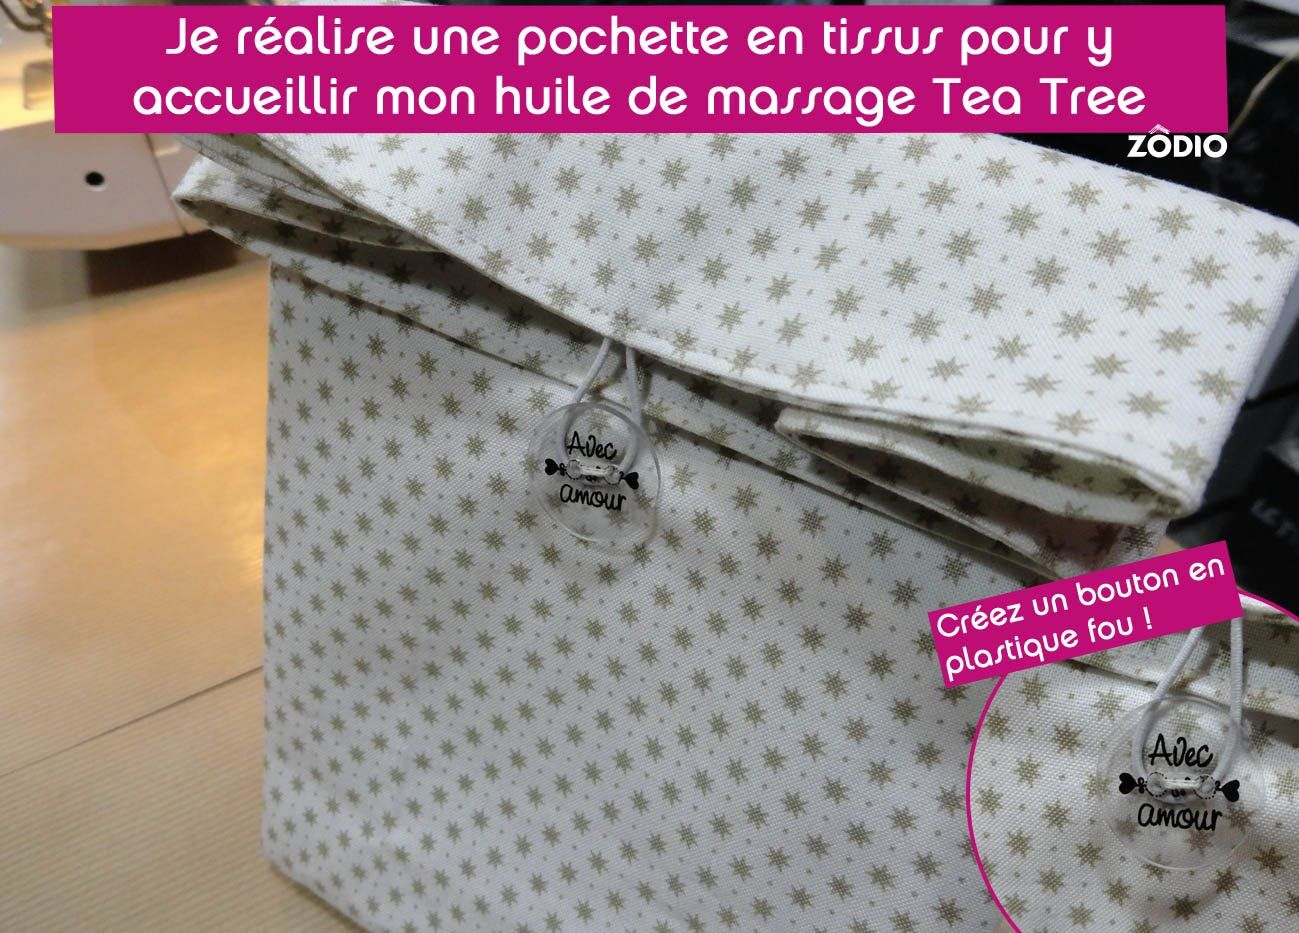 Louis Vuitton Airpods Meme